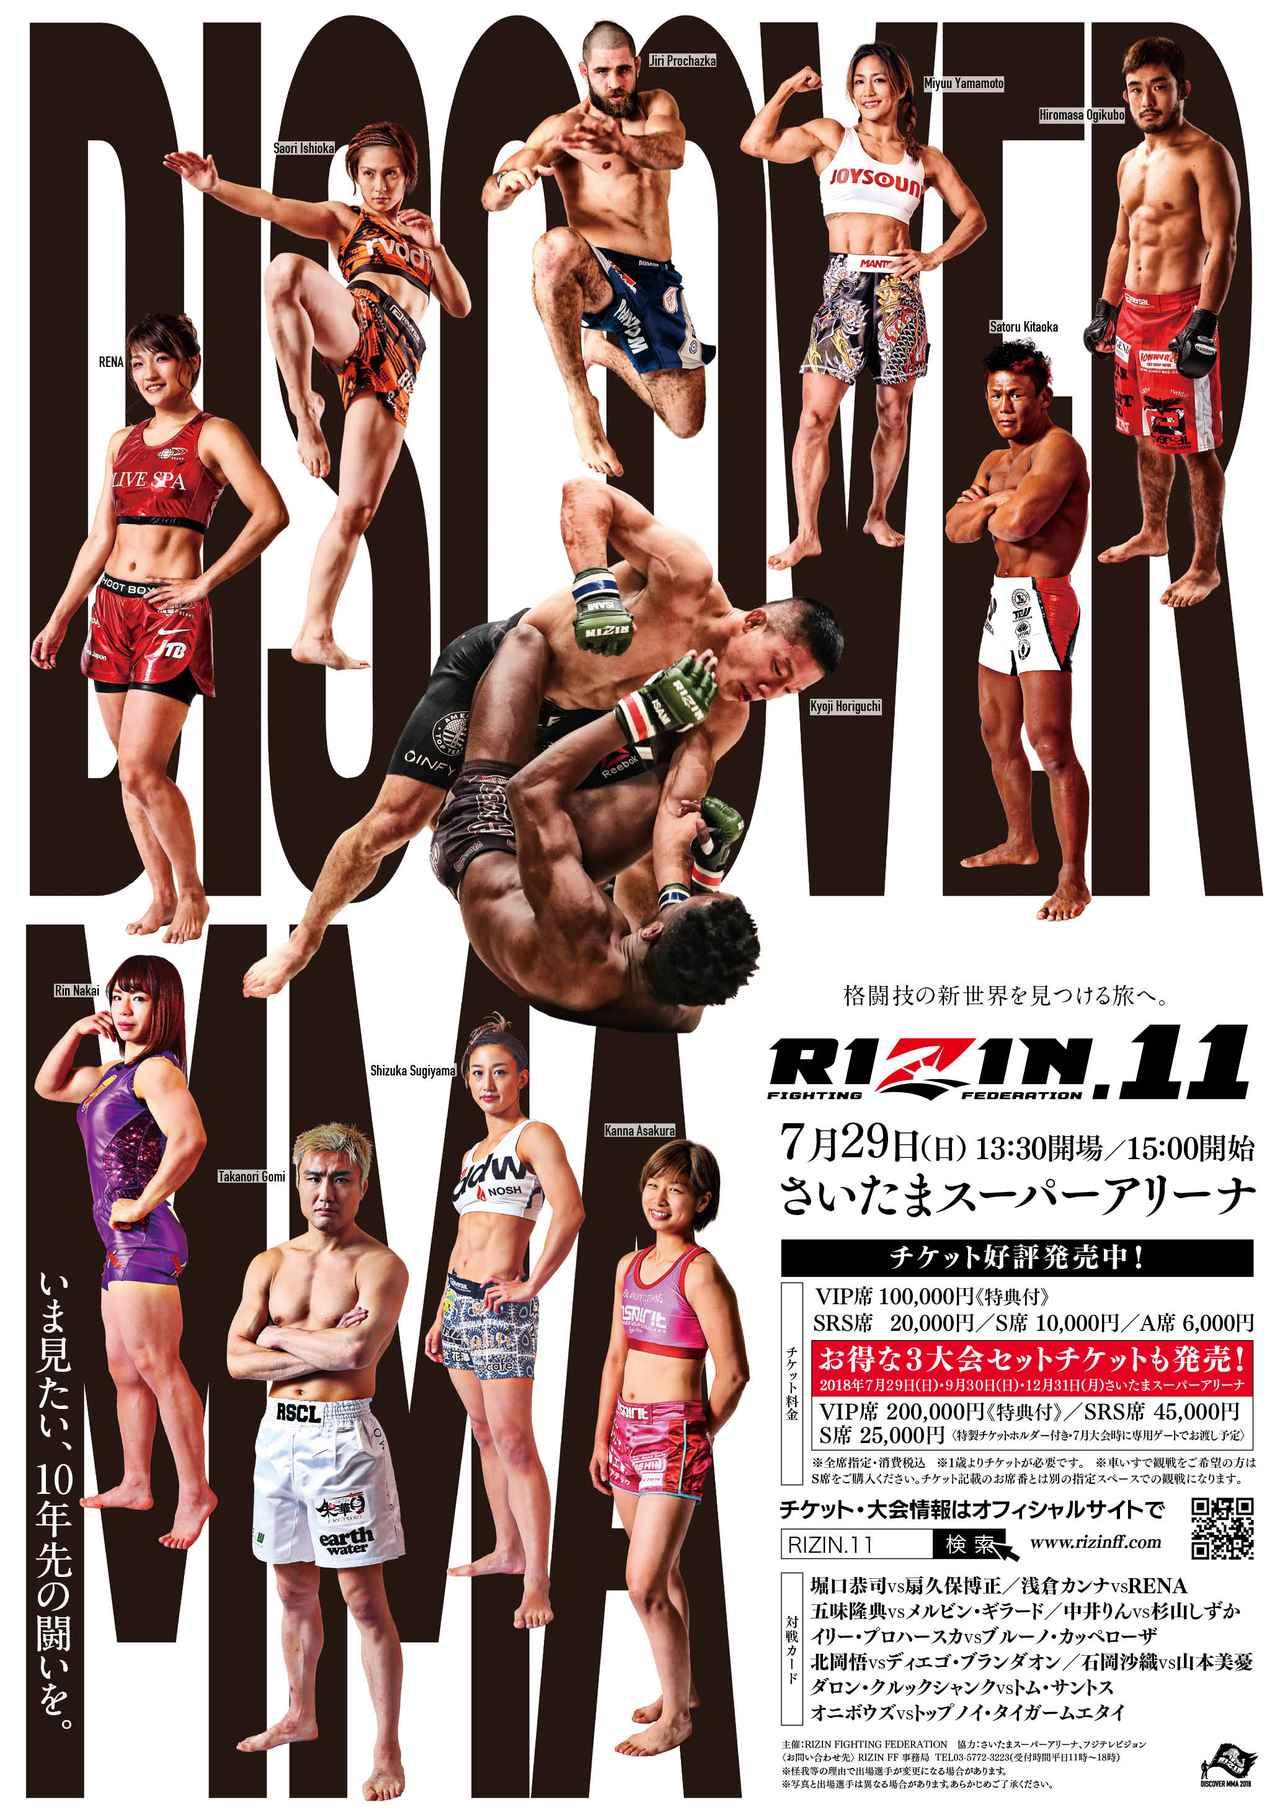 RIZIN.11